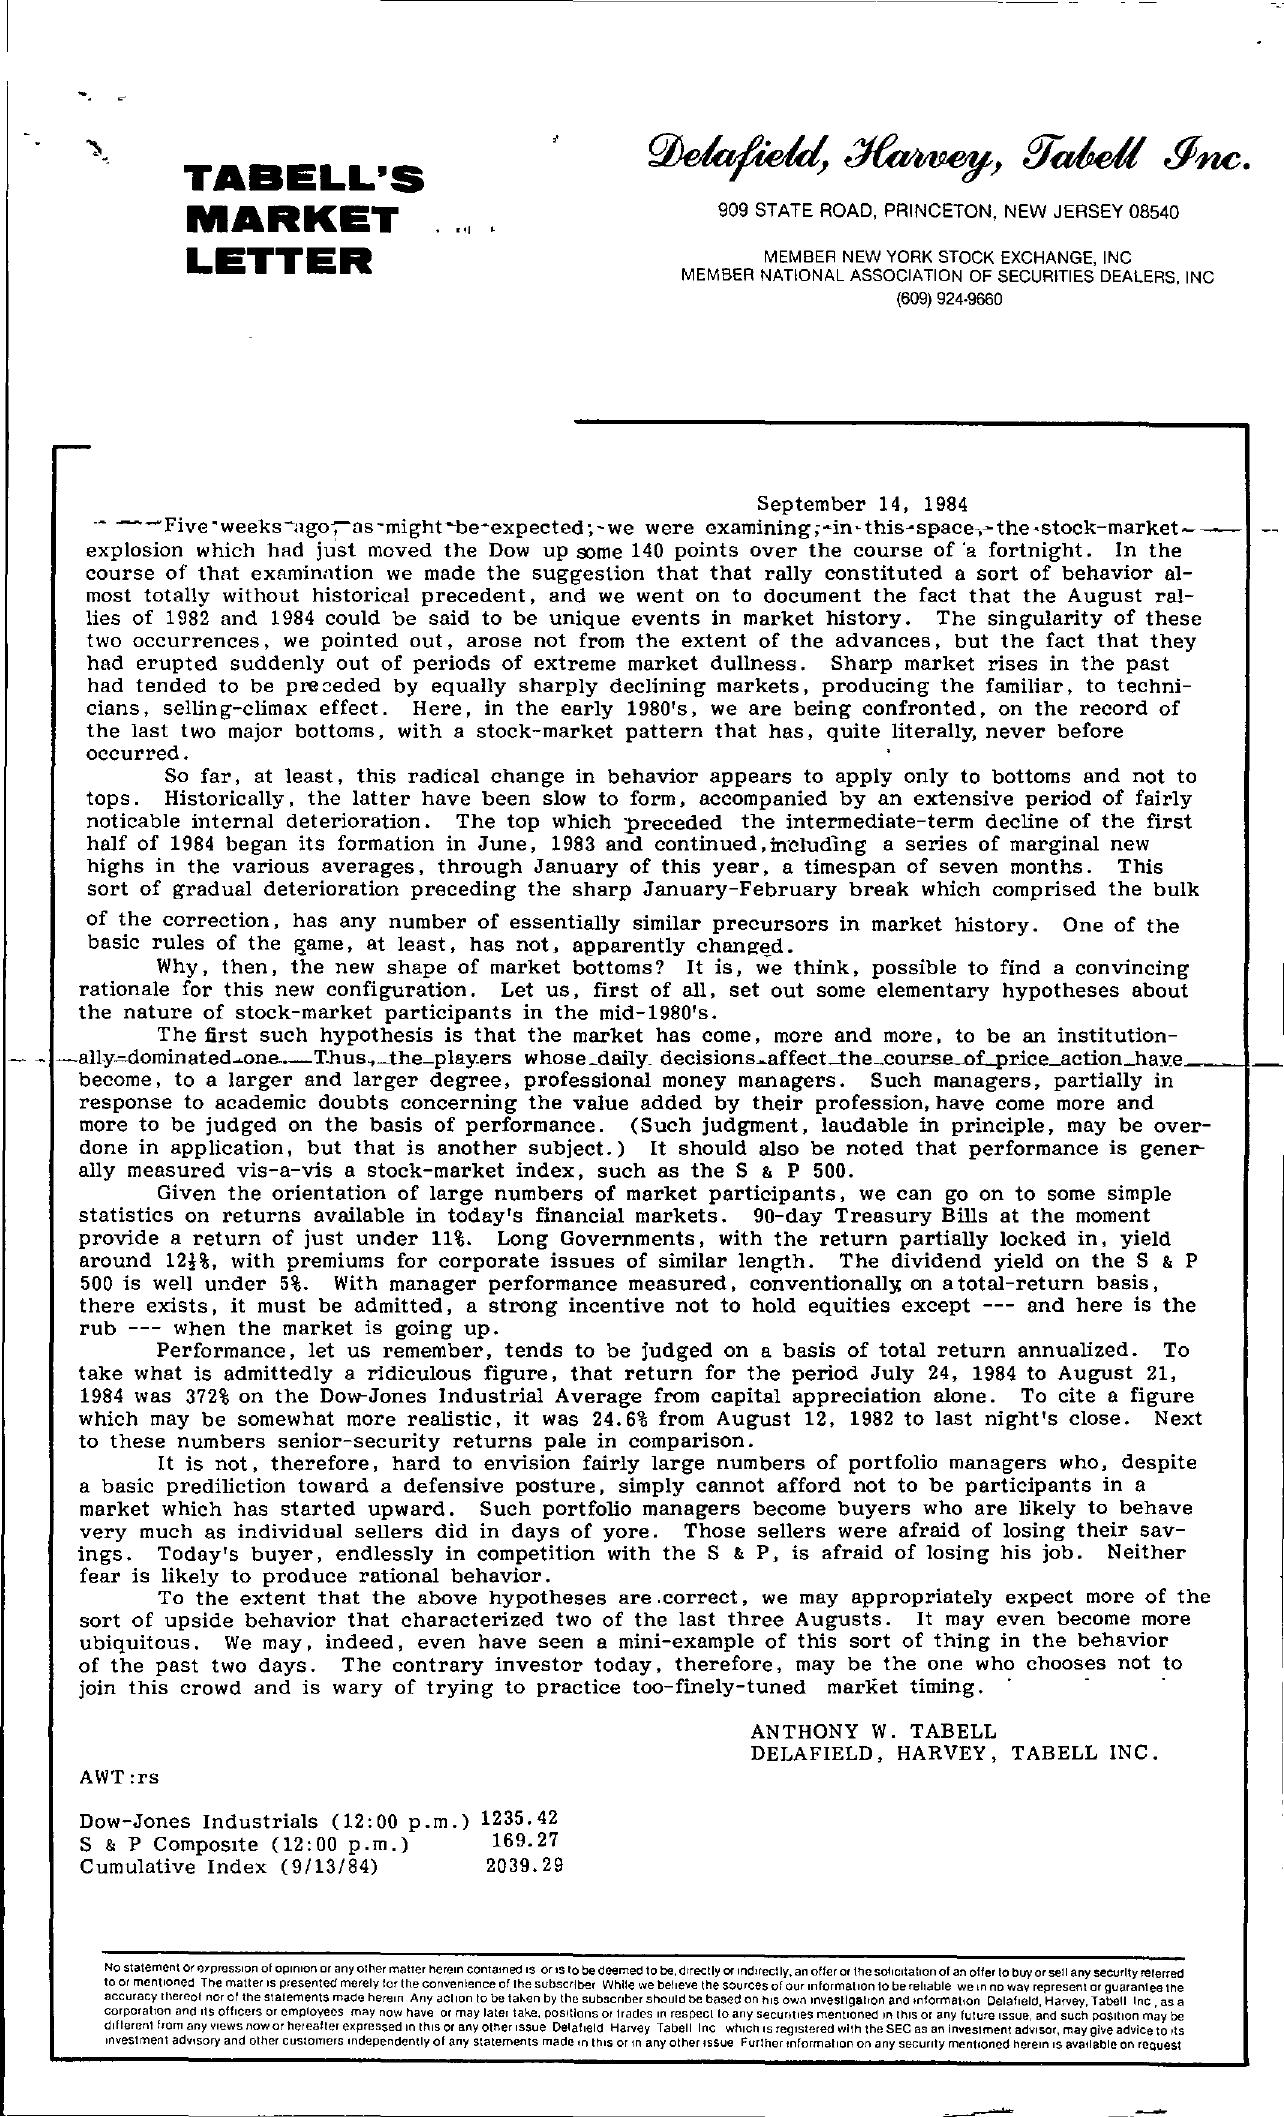 Tabell's Market Letter - September 14, 1984